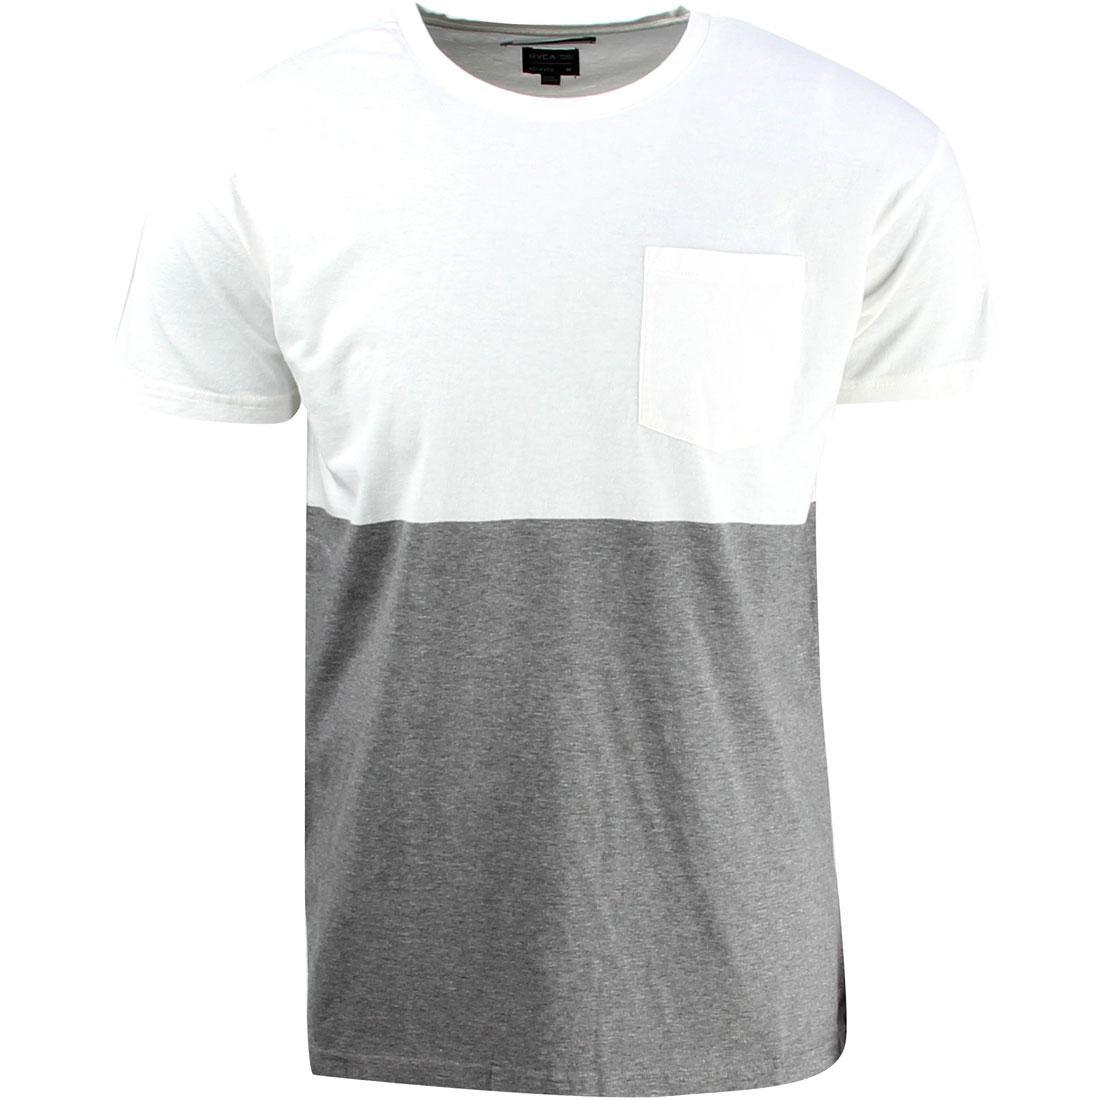 【海外限定】ルーカ Tシャツ メンズファッション 【 RVCA HALFWAY CREW TEE GRAY NOISE 】